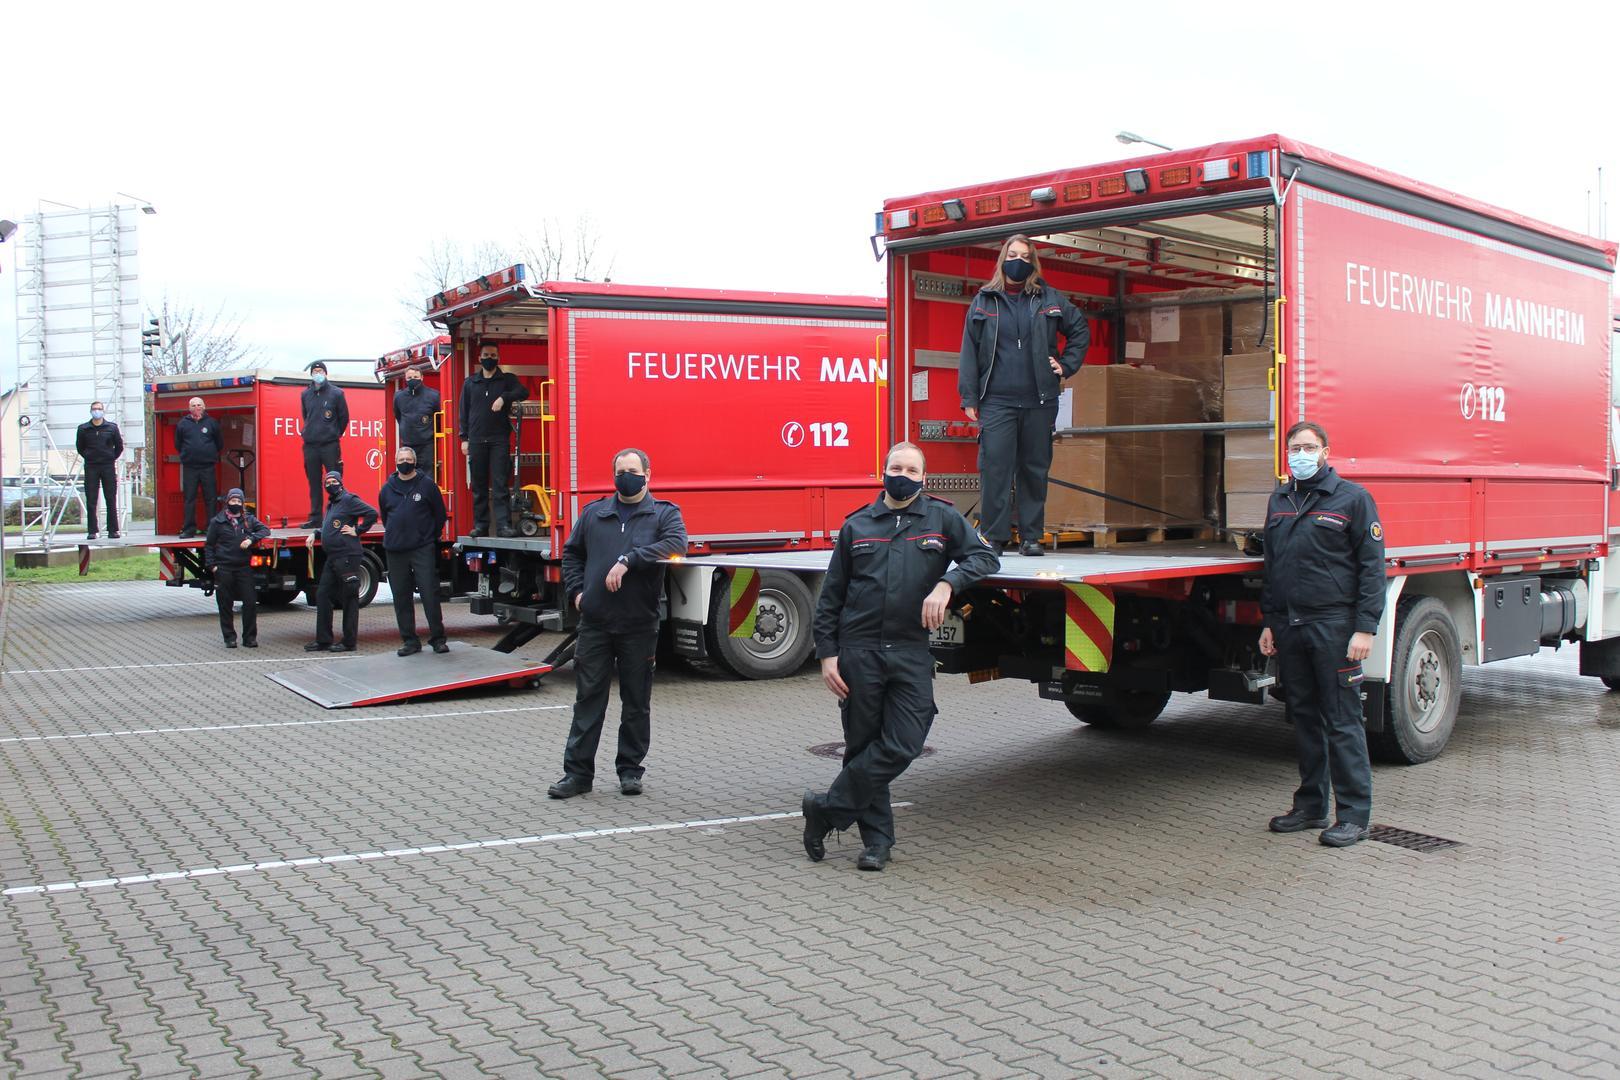 Feuerwehr verteilt 312.000 Masken an Alten- und Pflegeheime